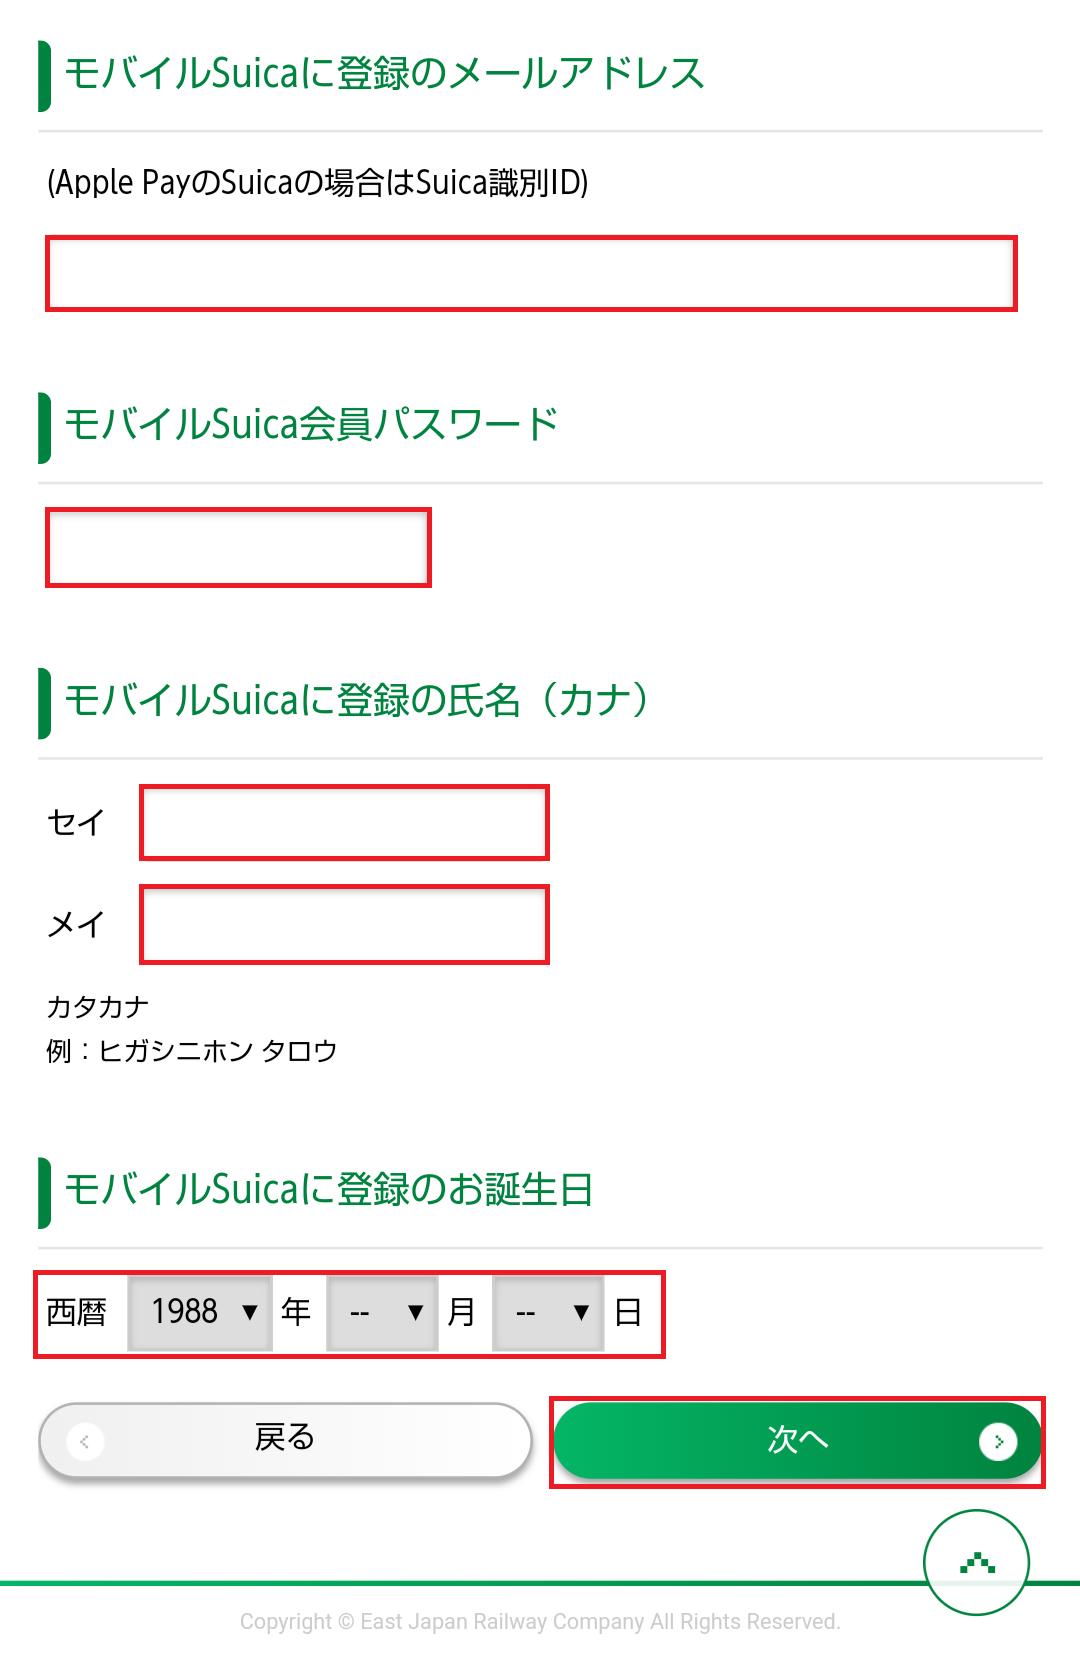 モバイル Suica で登録した [メールアドレス]、[パスワード]、[氏名]、[生年月日] を入力して [次へ] をタップ